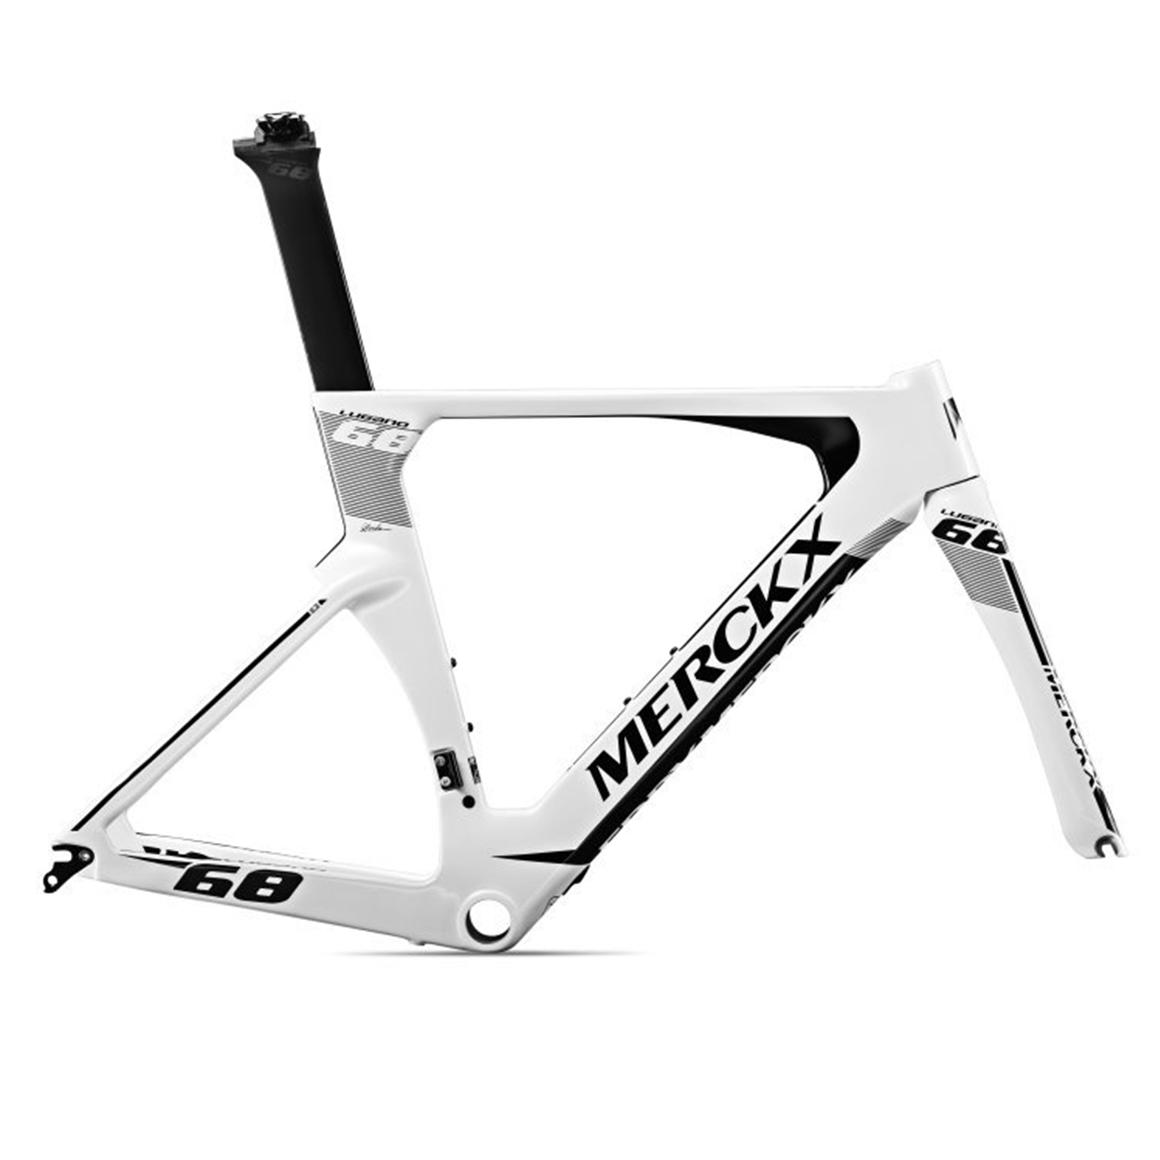 Eddy Merckx Lugano 68 TT Frameset - 2017